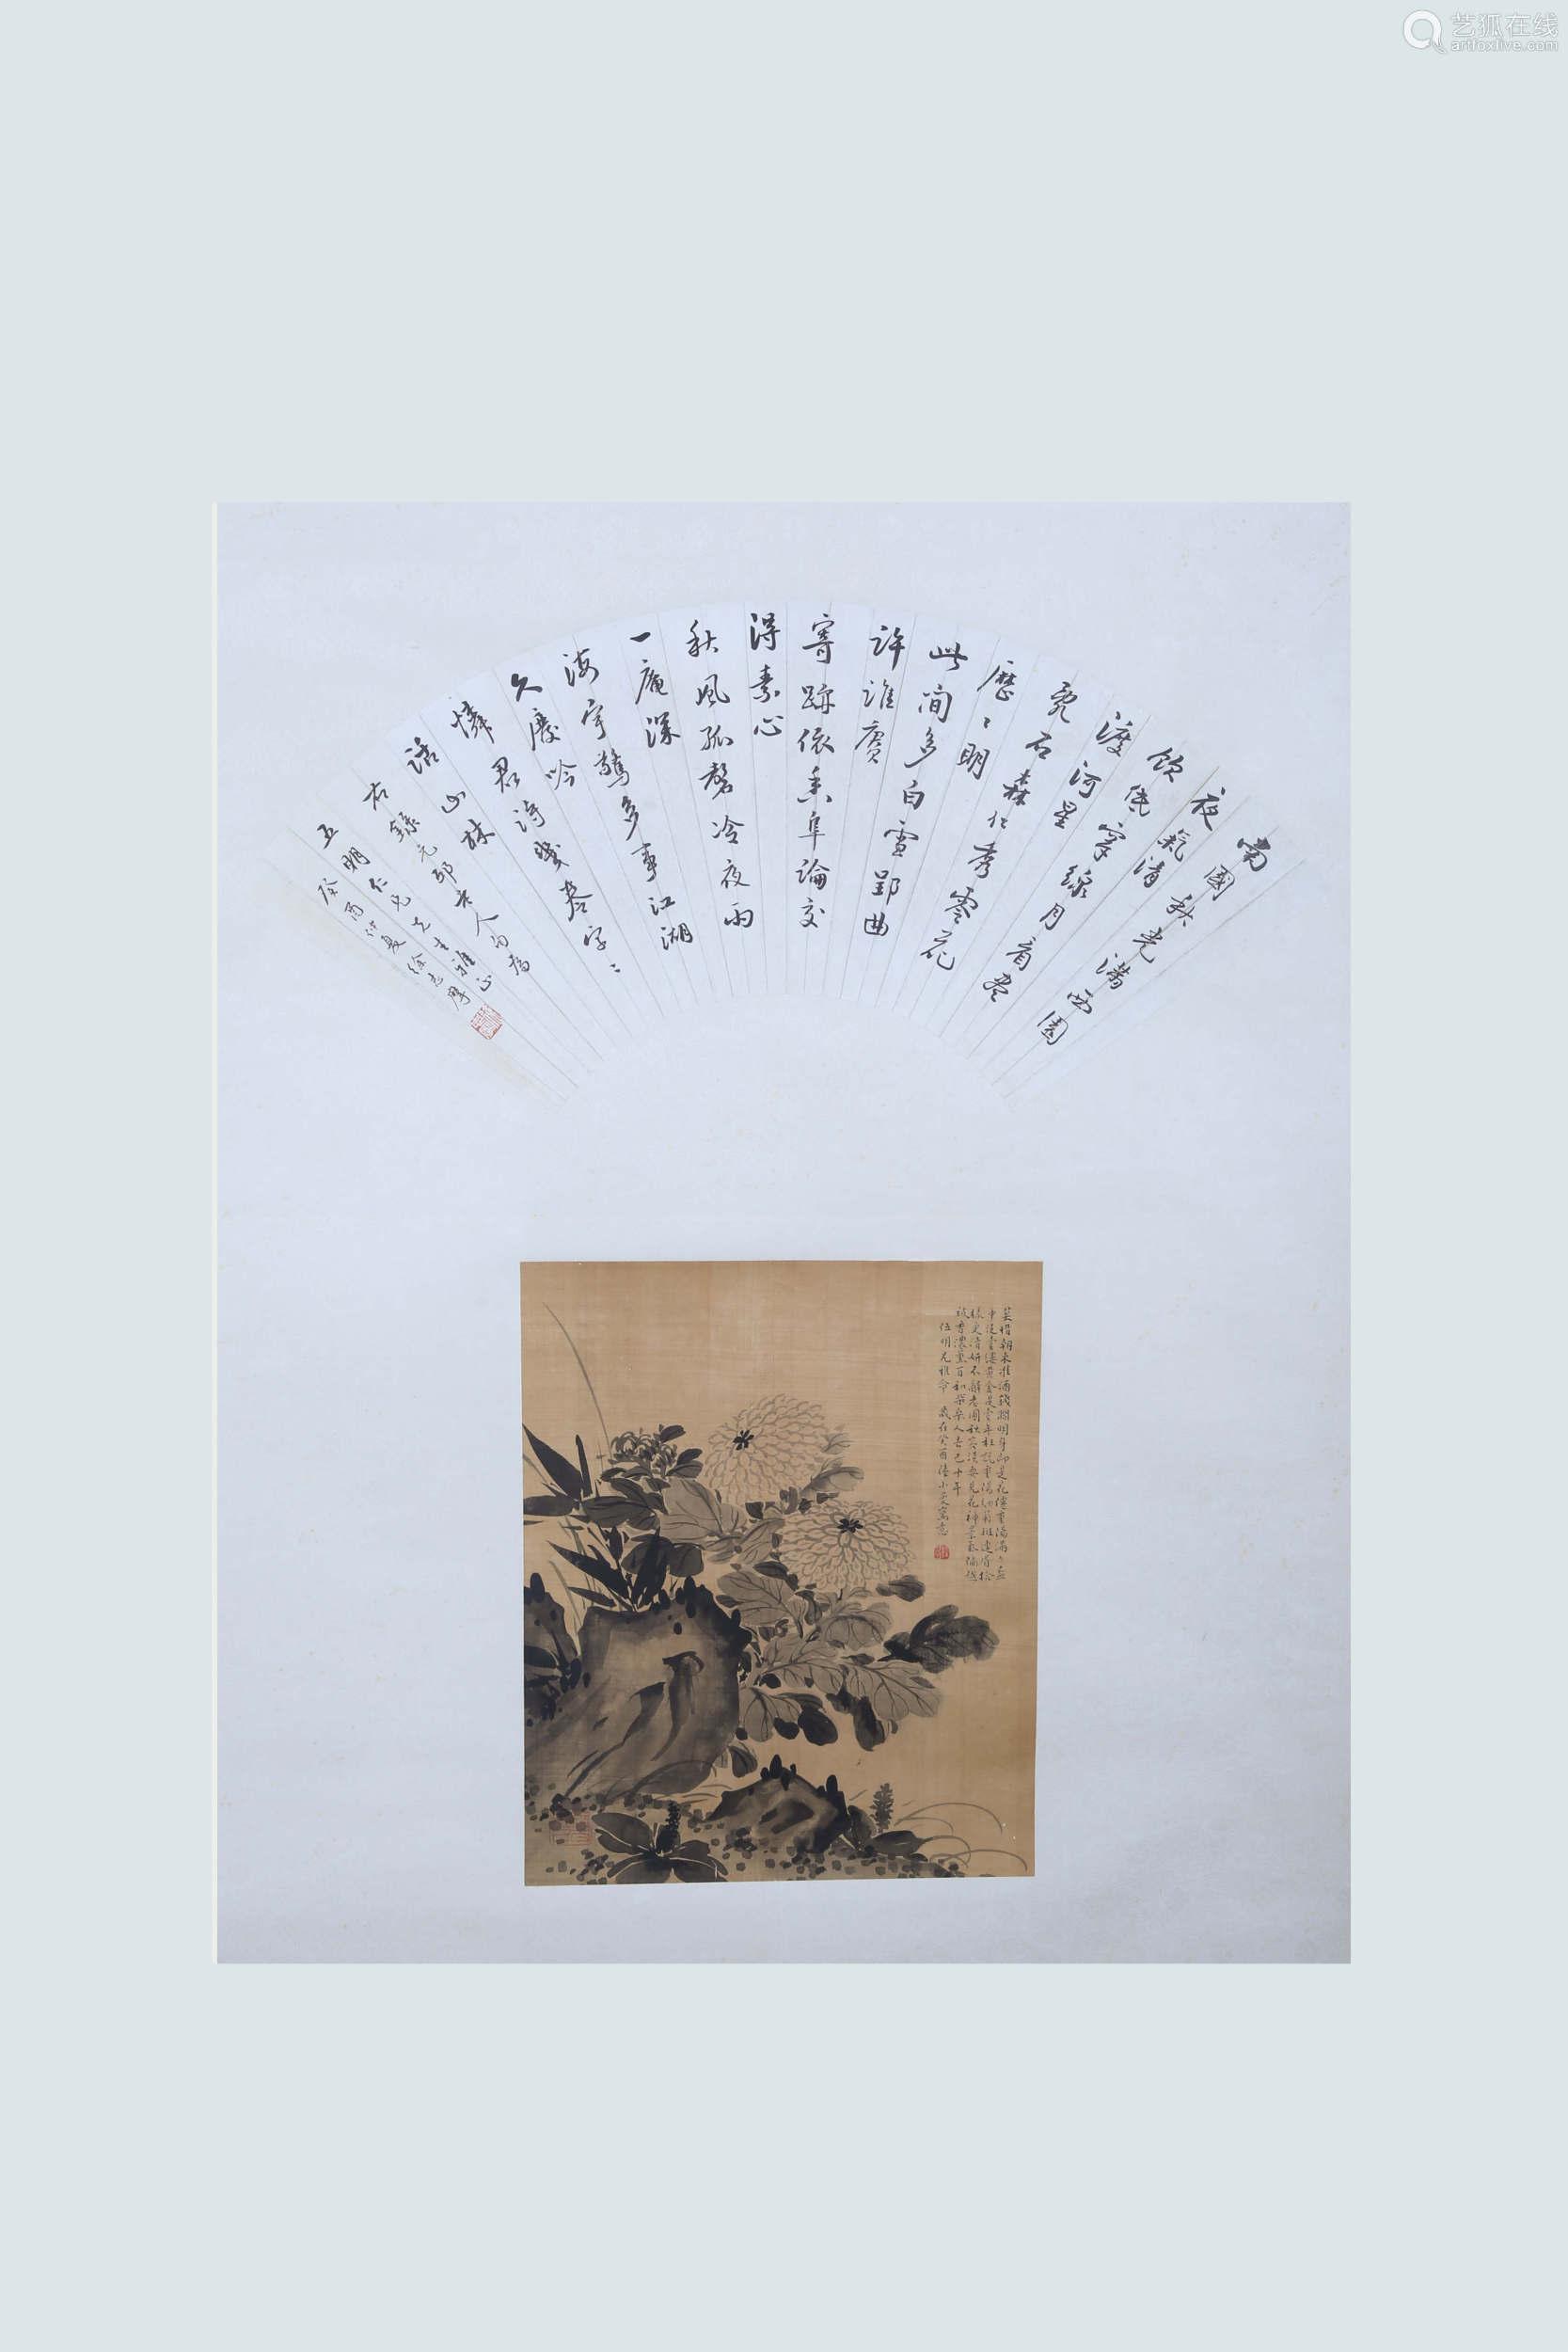 徐志摩 陆小曼 《书法花卉双挖》